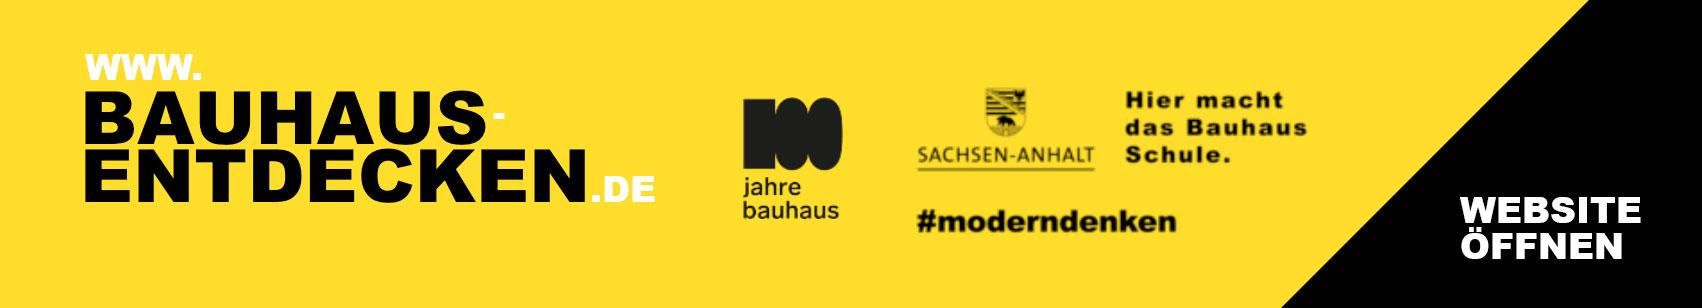 Urlaub in Sachsen-Anhalt | Bauhaus | Unesco Welterbe | Martin Luther